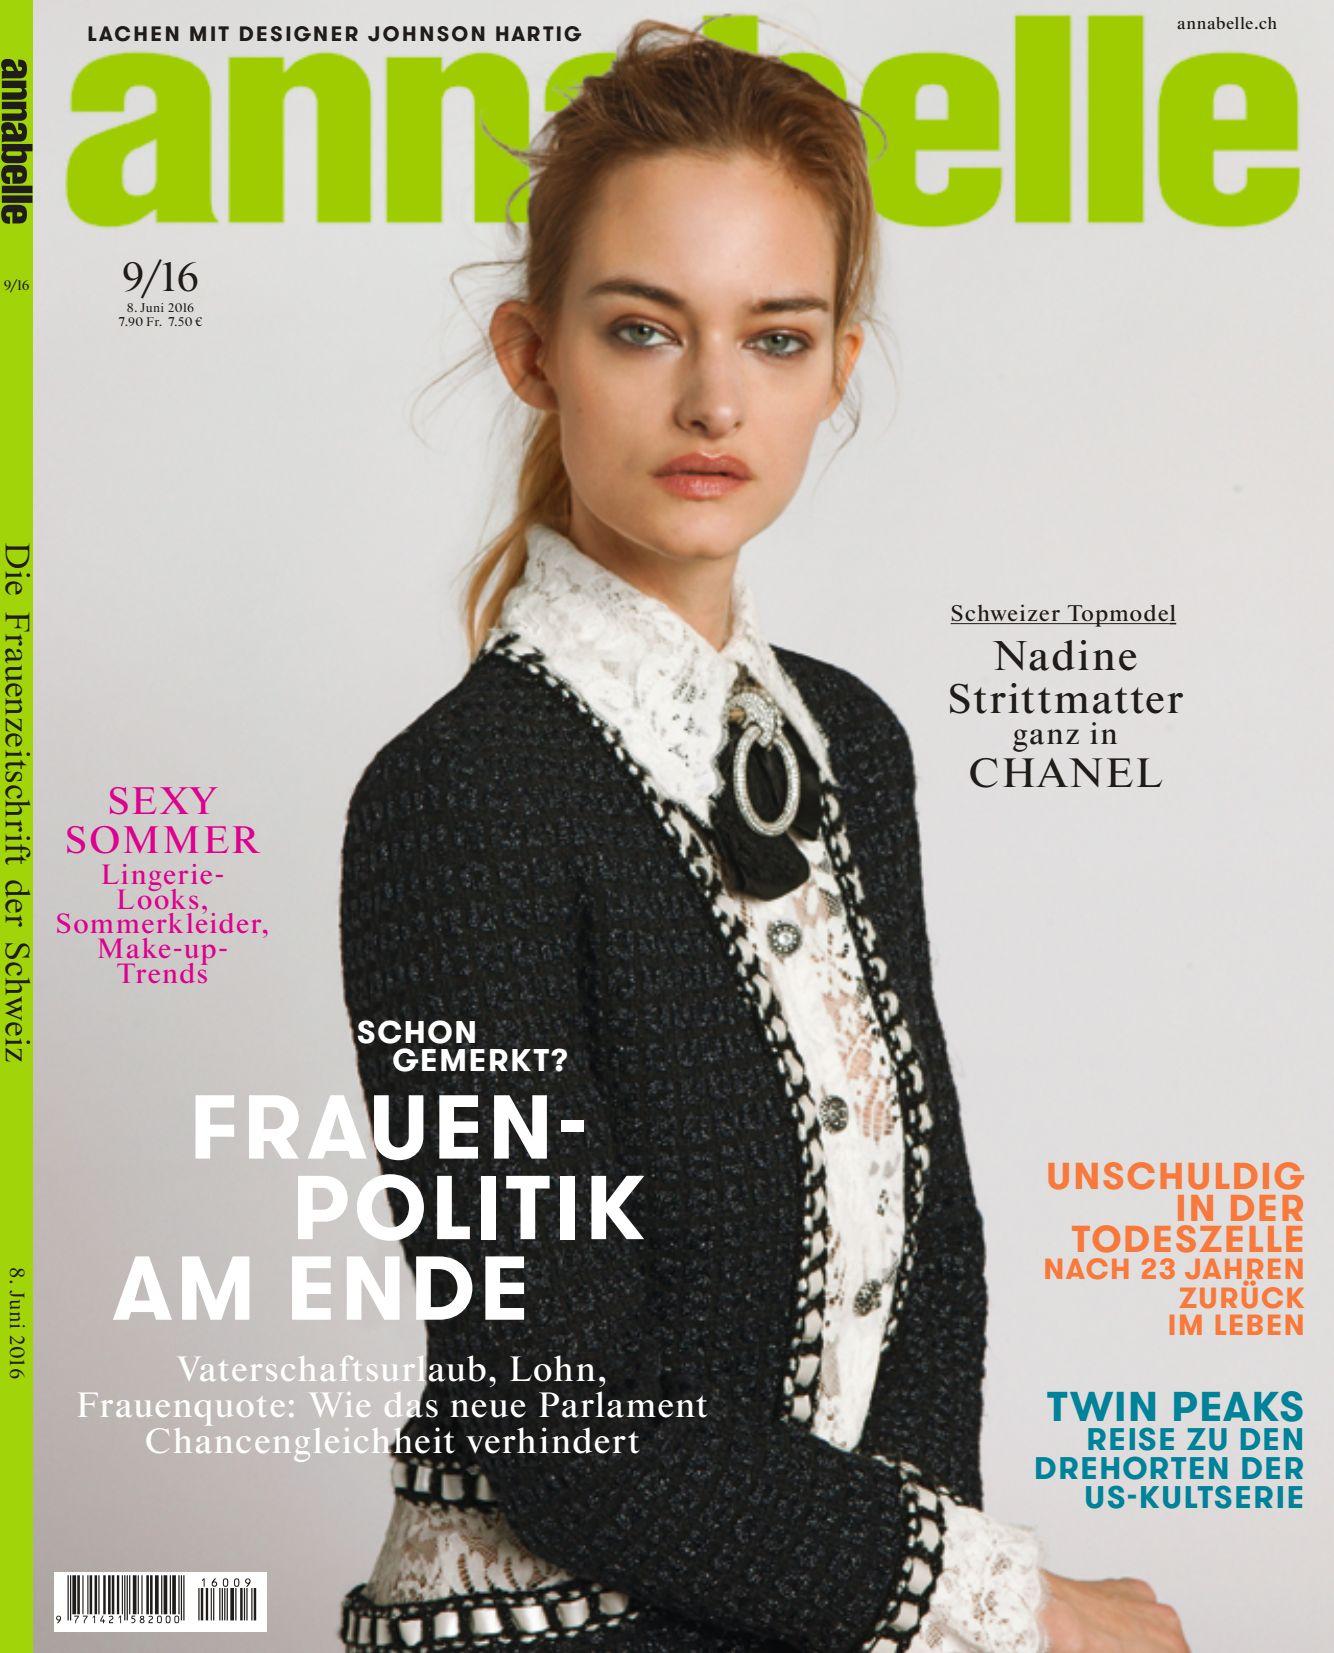 annabelle – 09/16